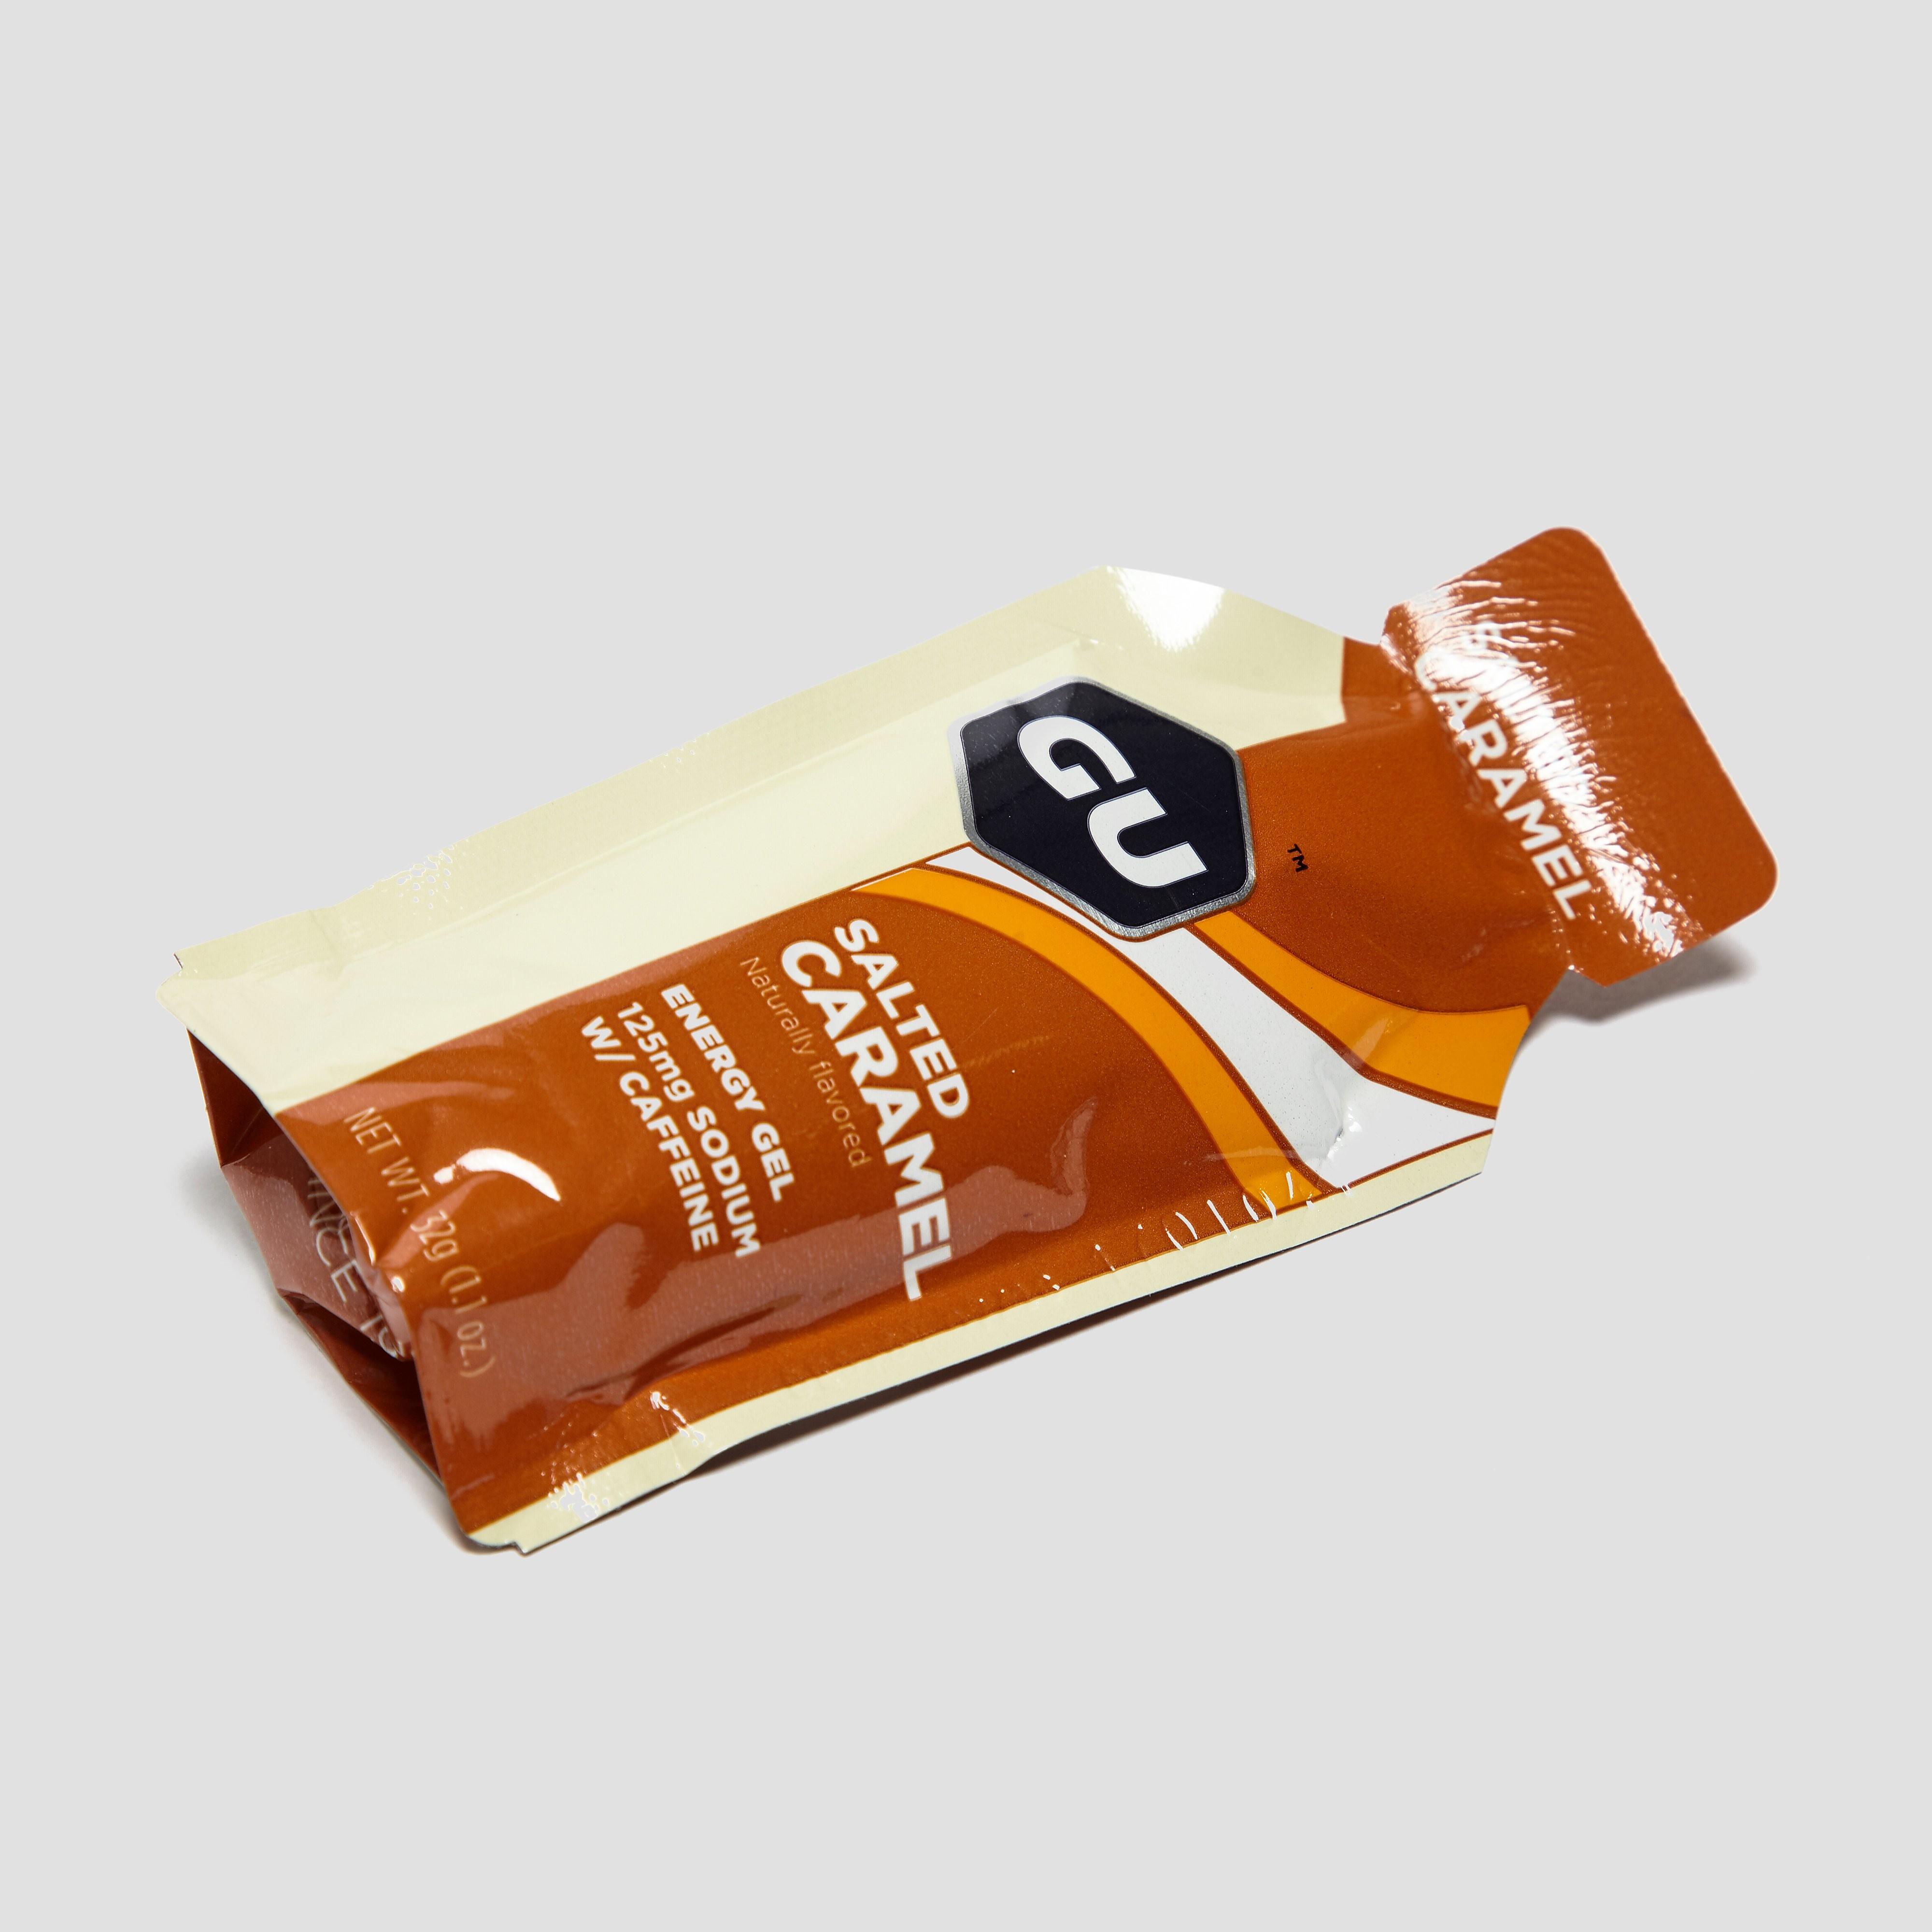 GU Energy Gels (24 Pack) - Salted Caramel